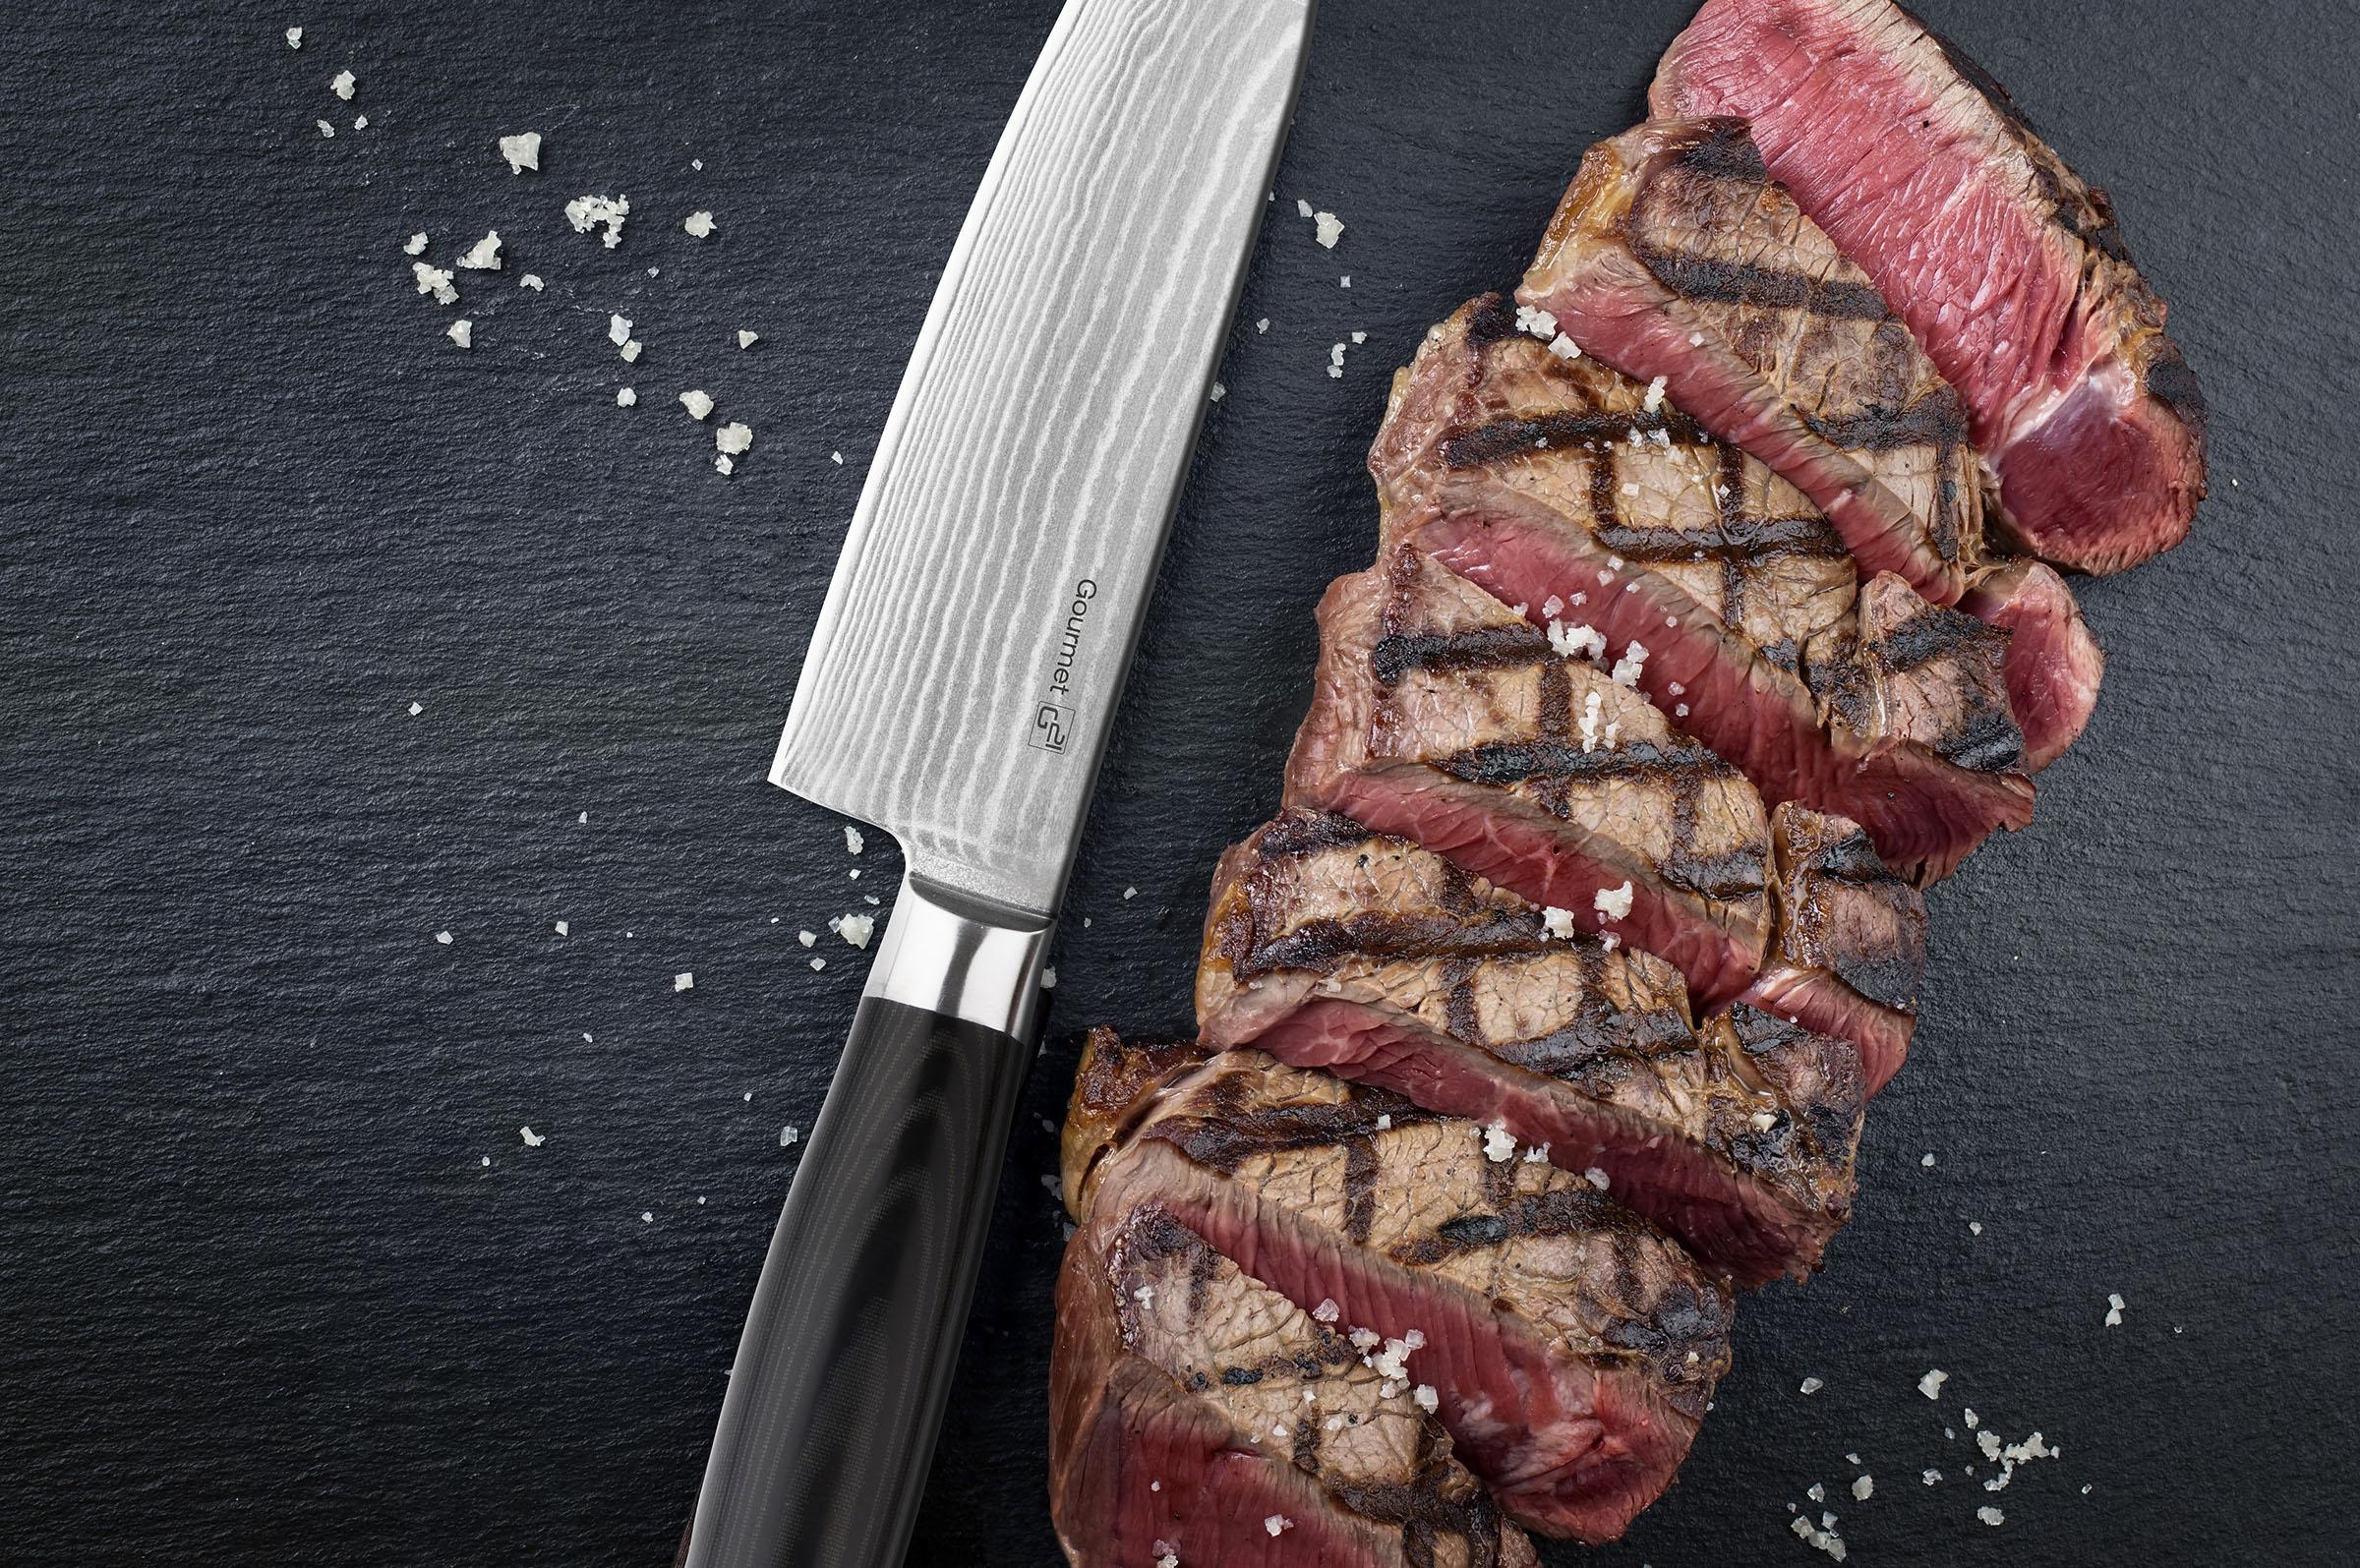 Damašková ocel nože G21 s tvrdostí 60 HRC krájí sama